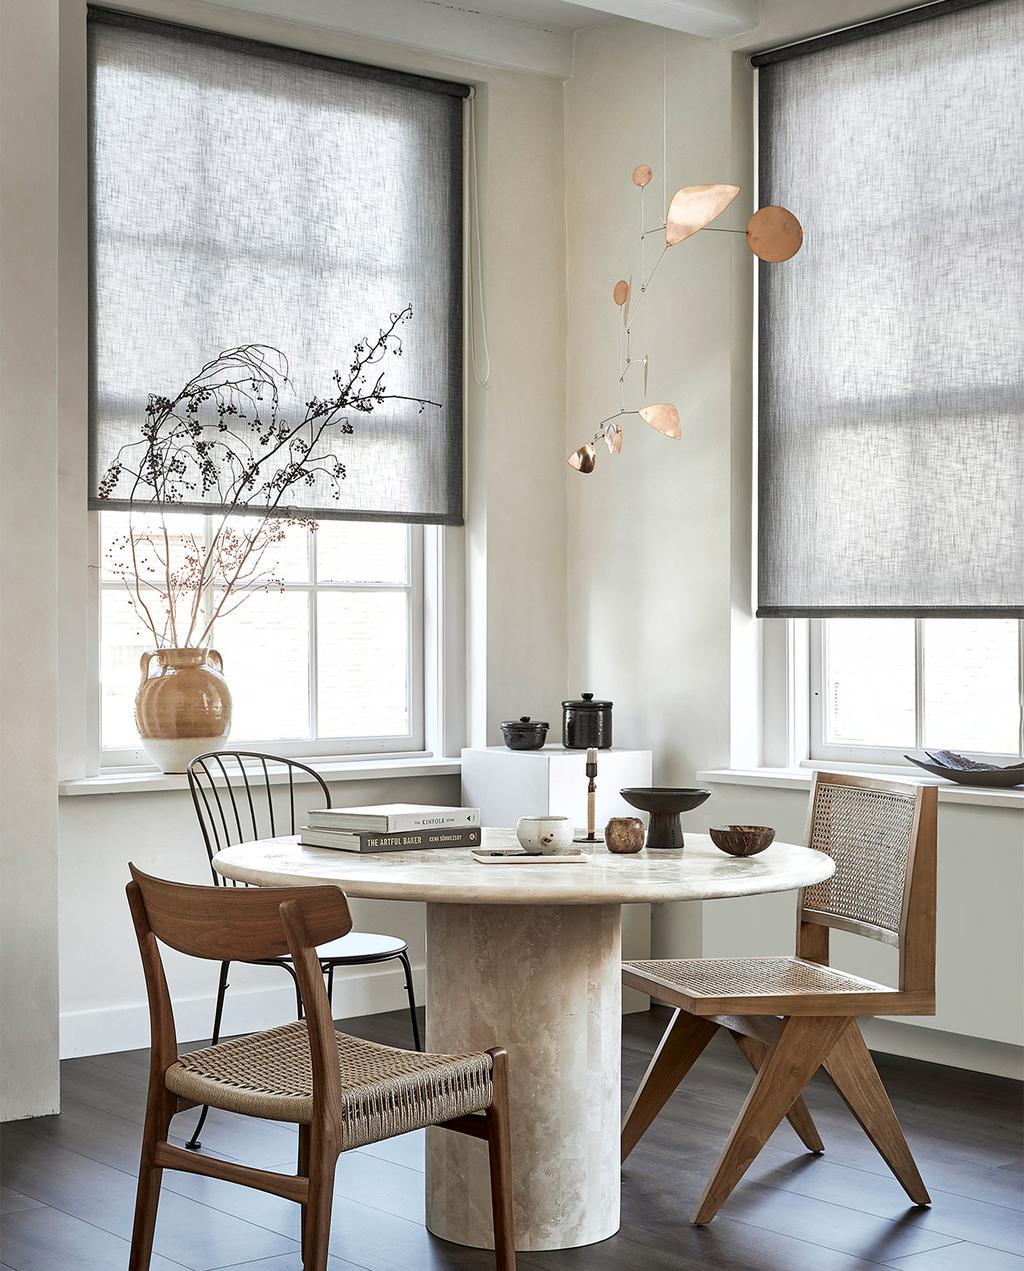 vtwonen 09-2021 | ronde eettafel met rotan stoelen in een beige interieur